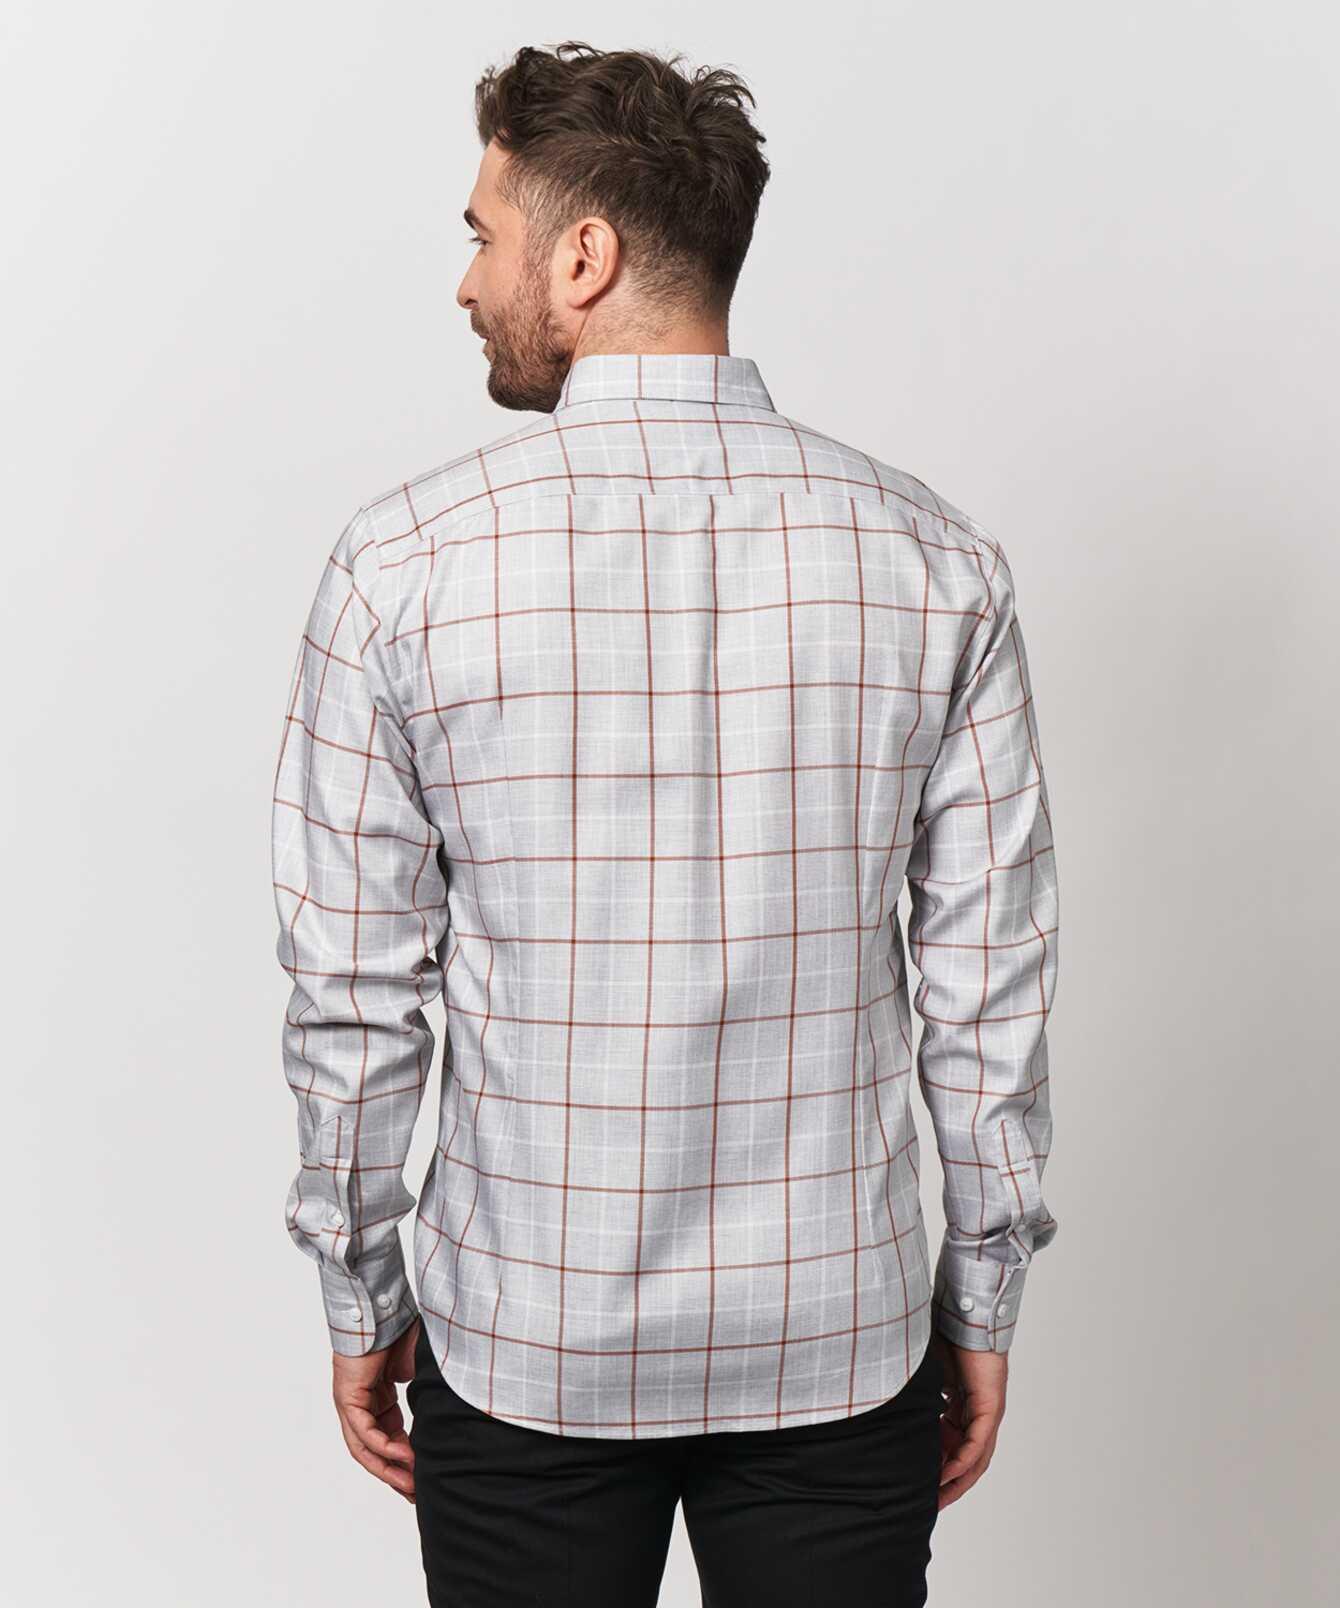 Shirt Lincoln Brun Extra Lång Ärm The Shirt Factory